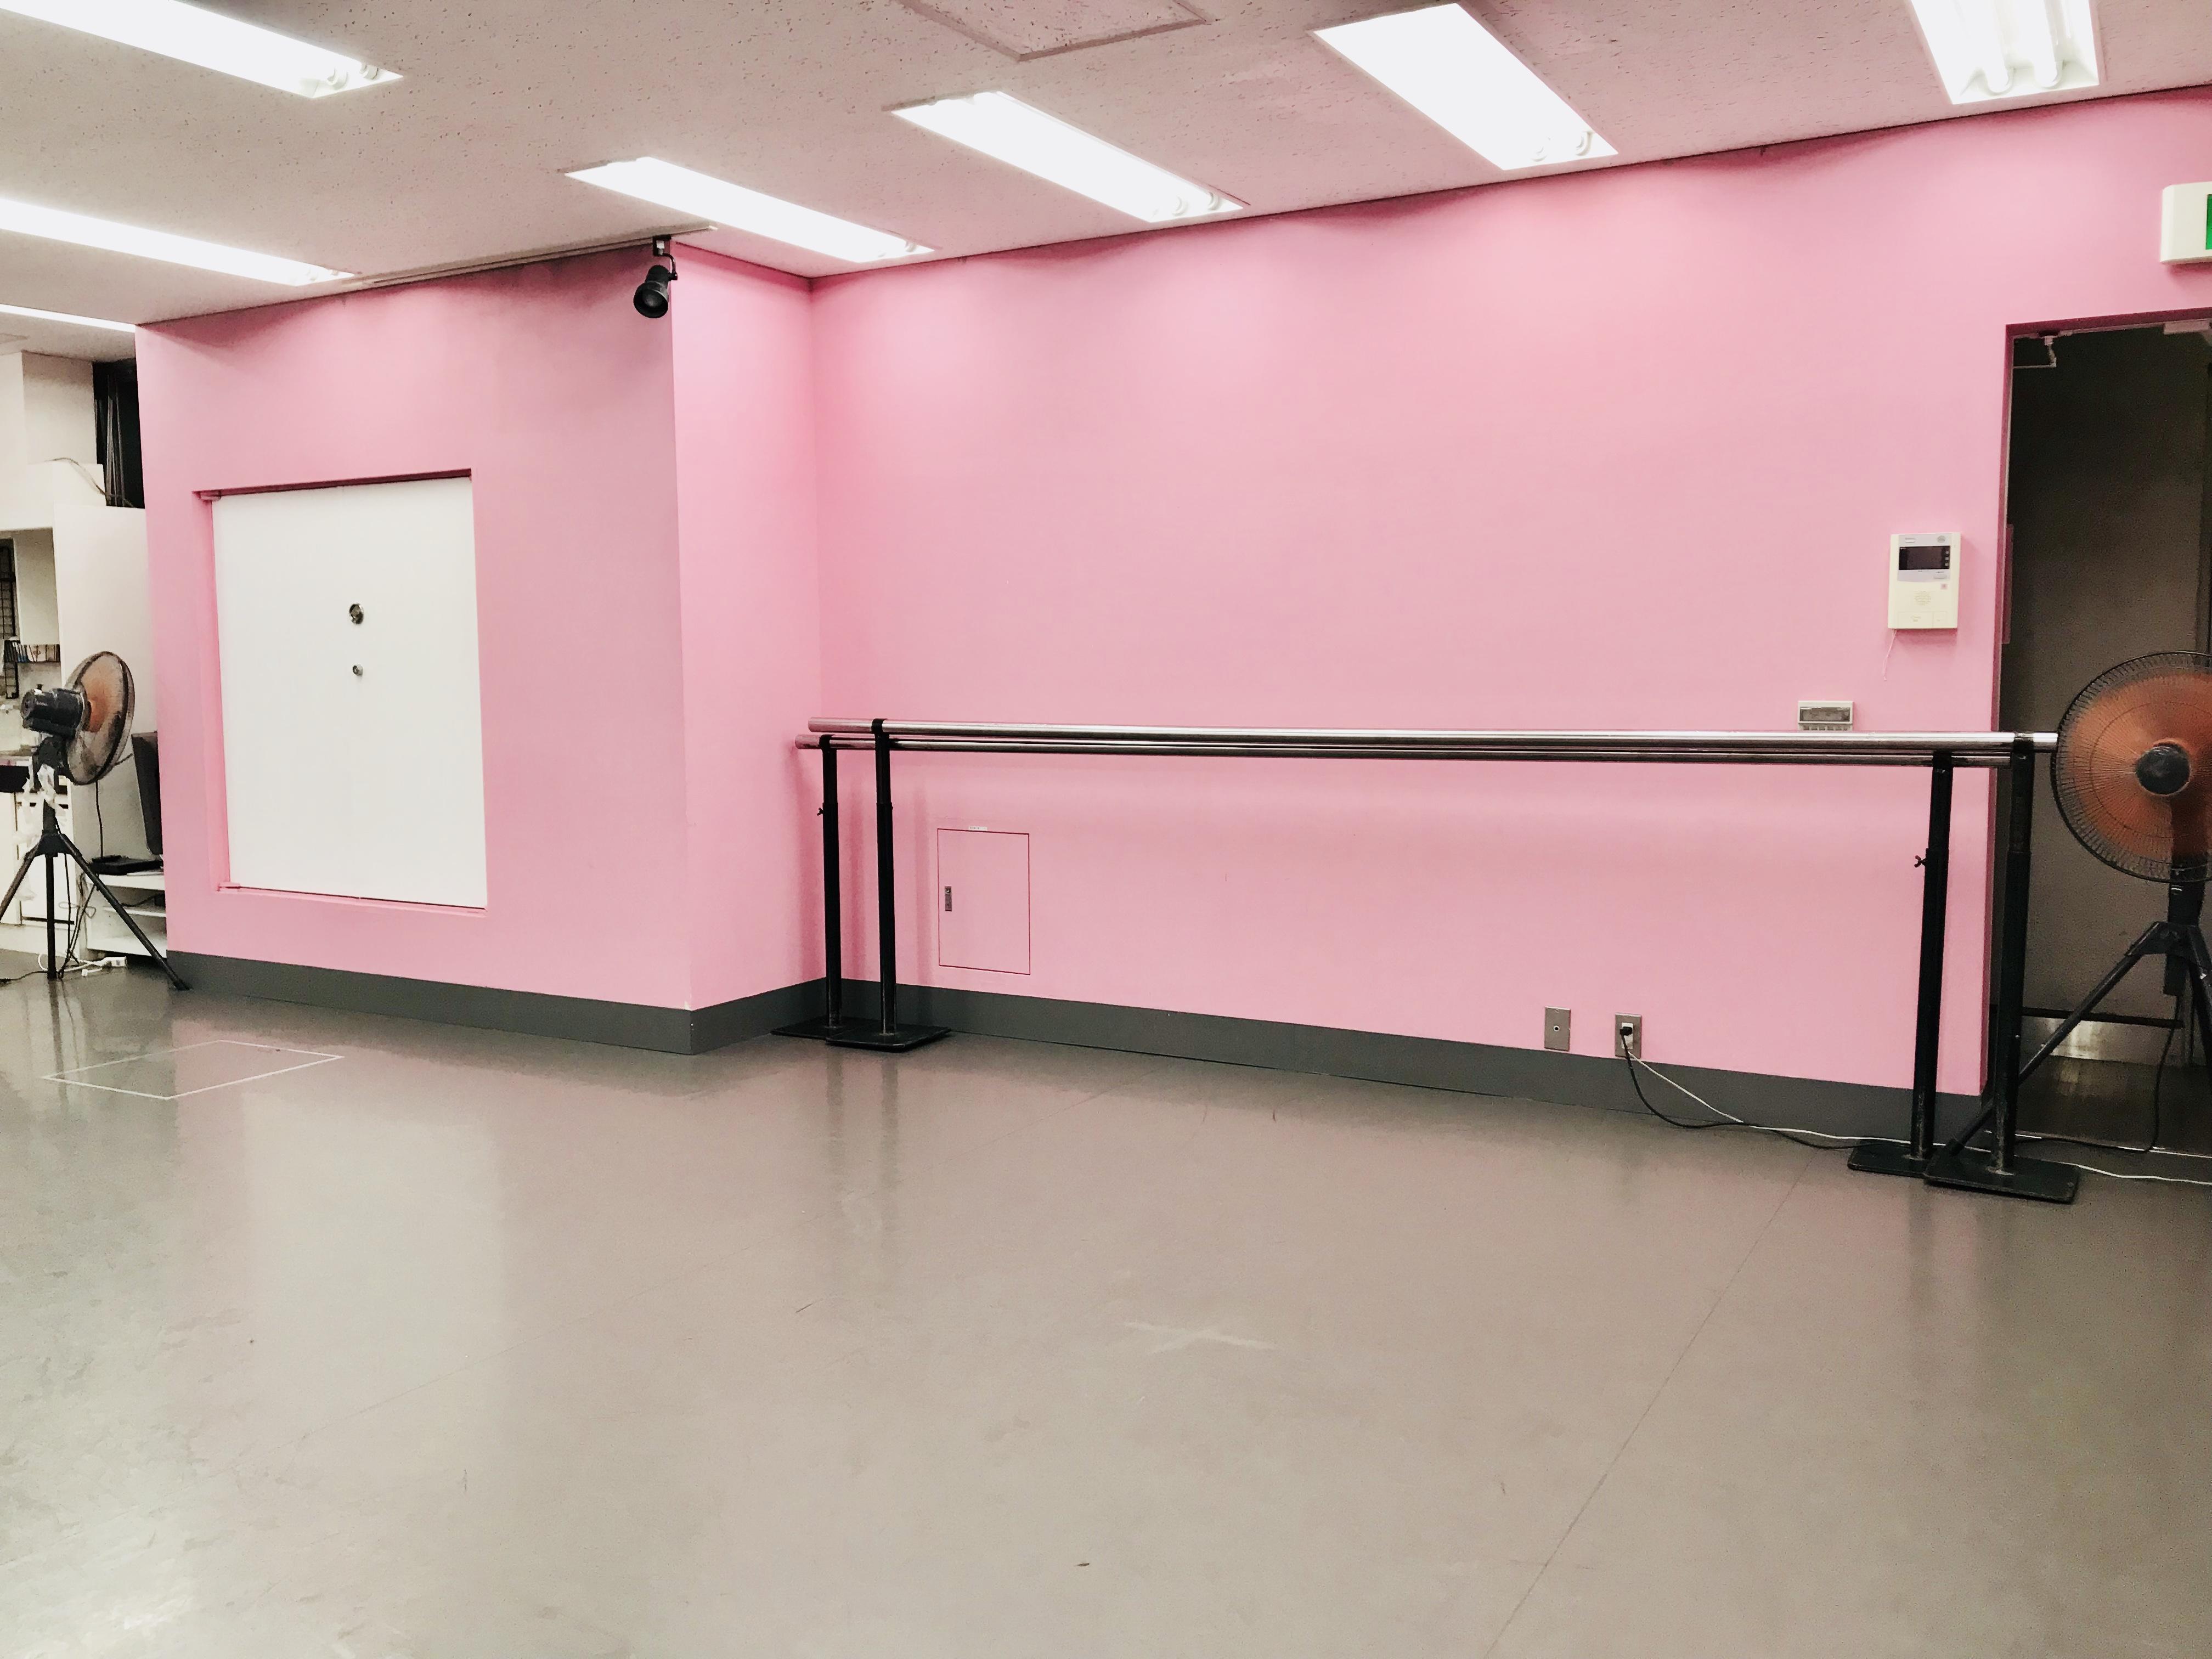 千代田区 秋葉原の貸しレンタルダンススタジオ ブルーハススタジオ 手前6